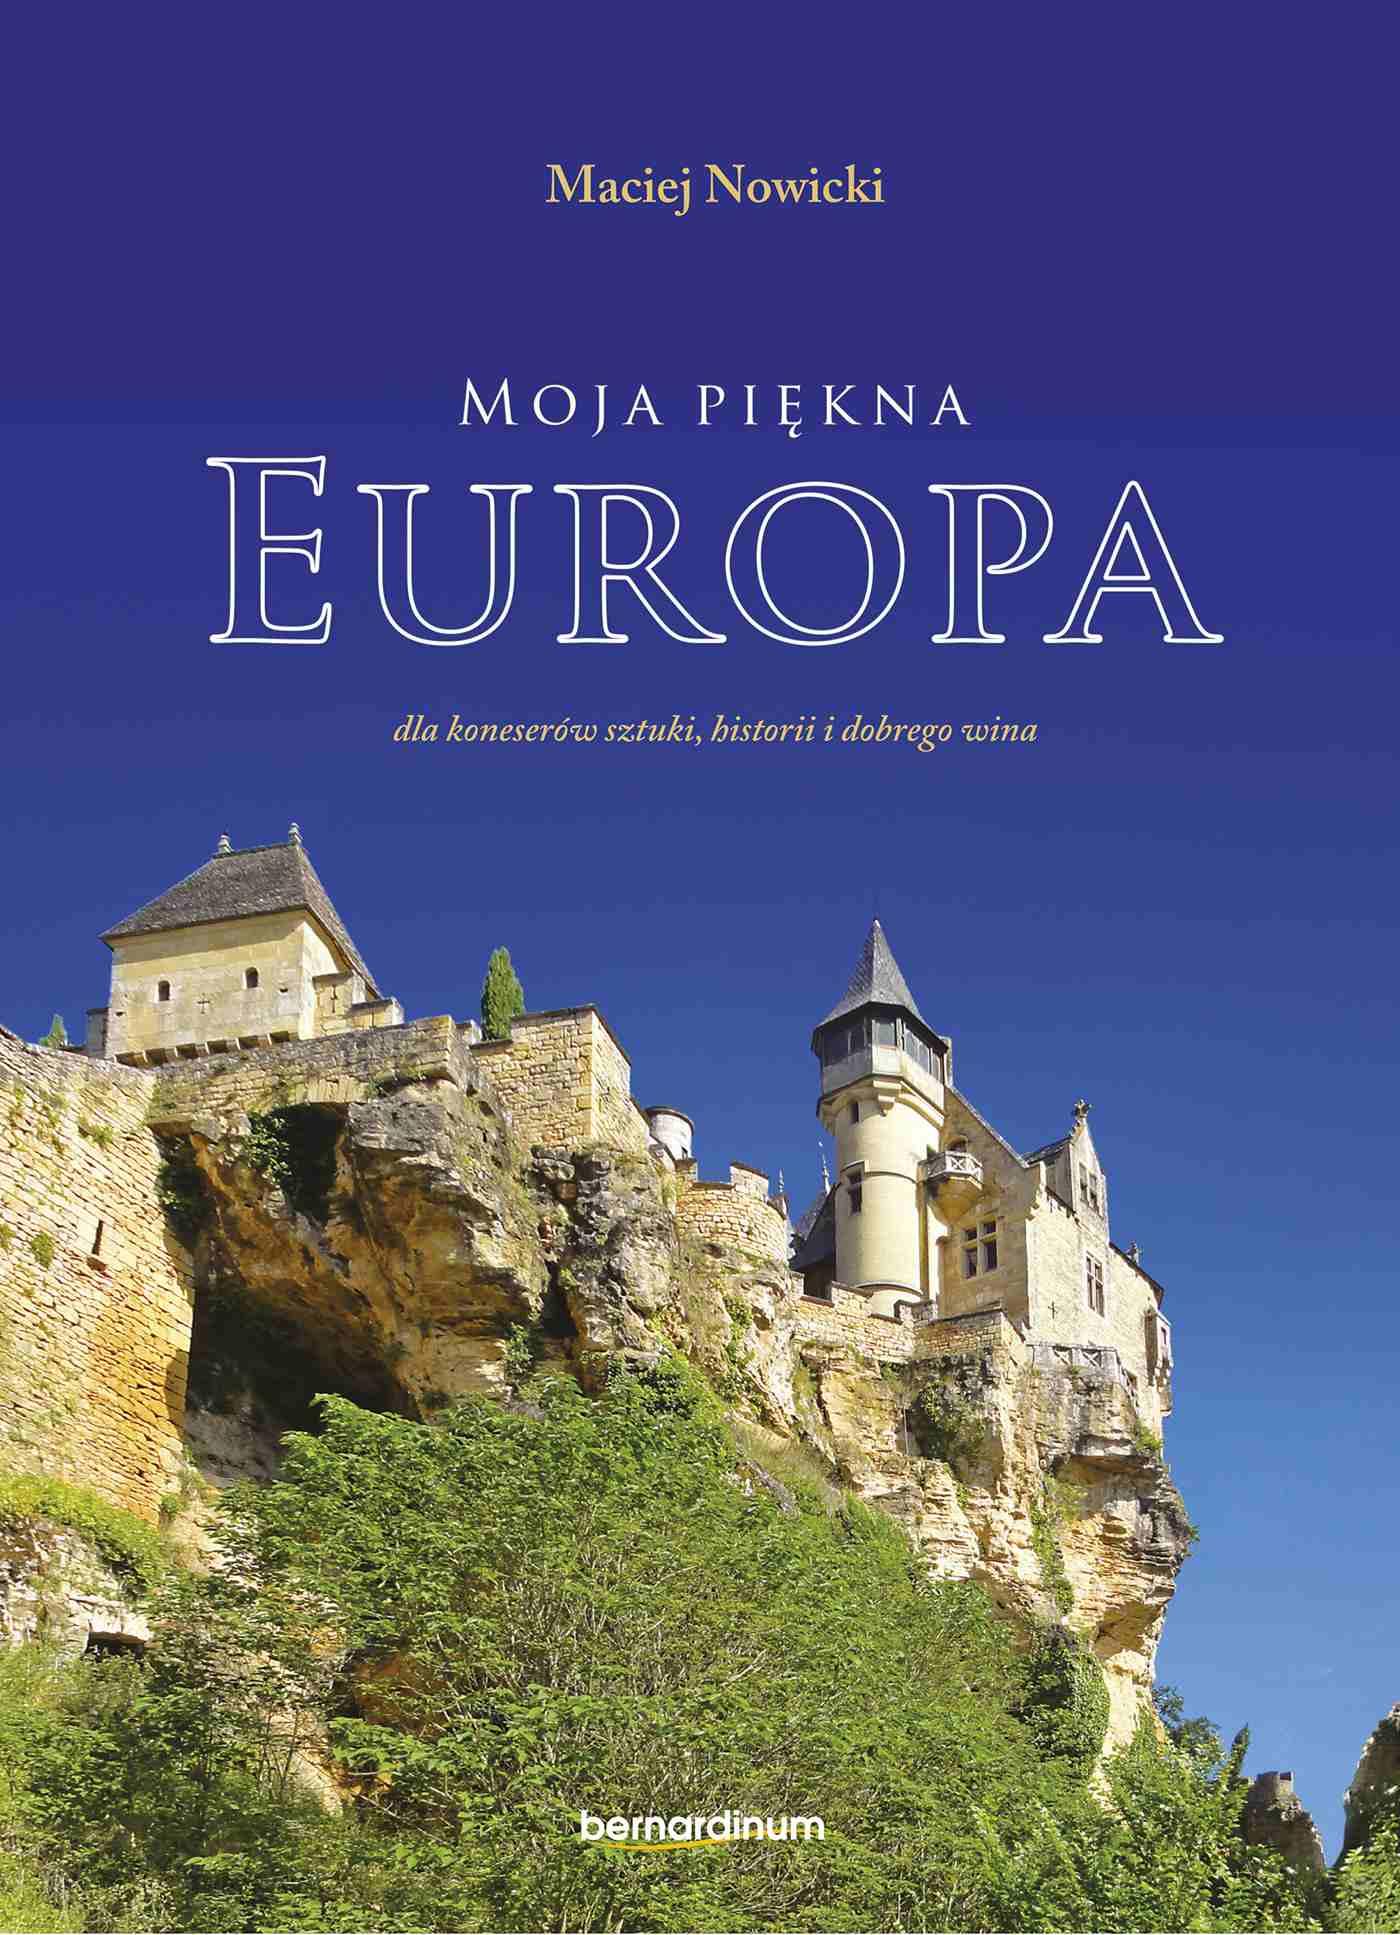 Moja piękna Europa dla koneserów sztuki, historii i dobrego wina - Ebook (Książka EPUB) do pobrania w formacie EPUB